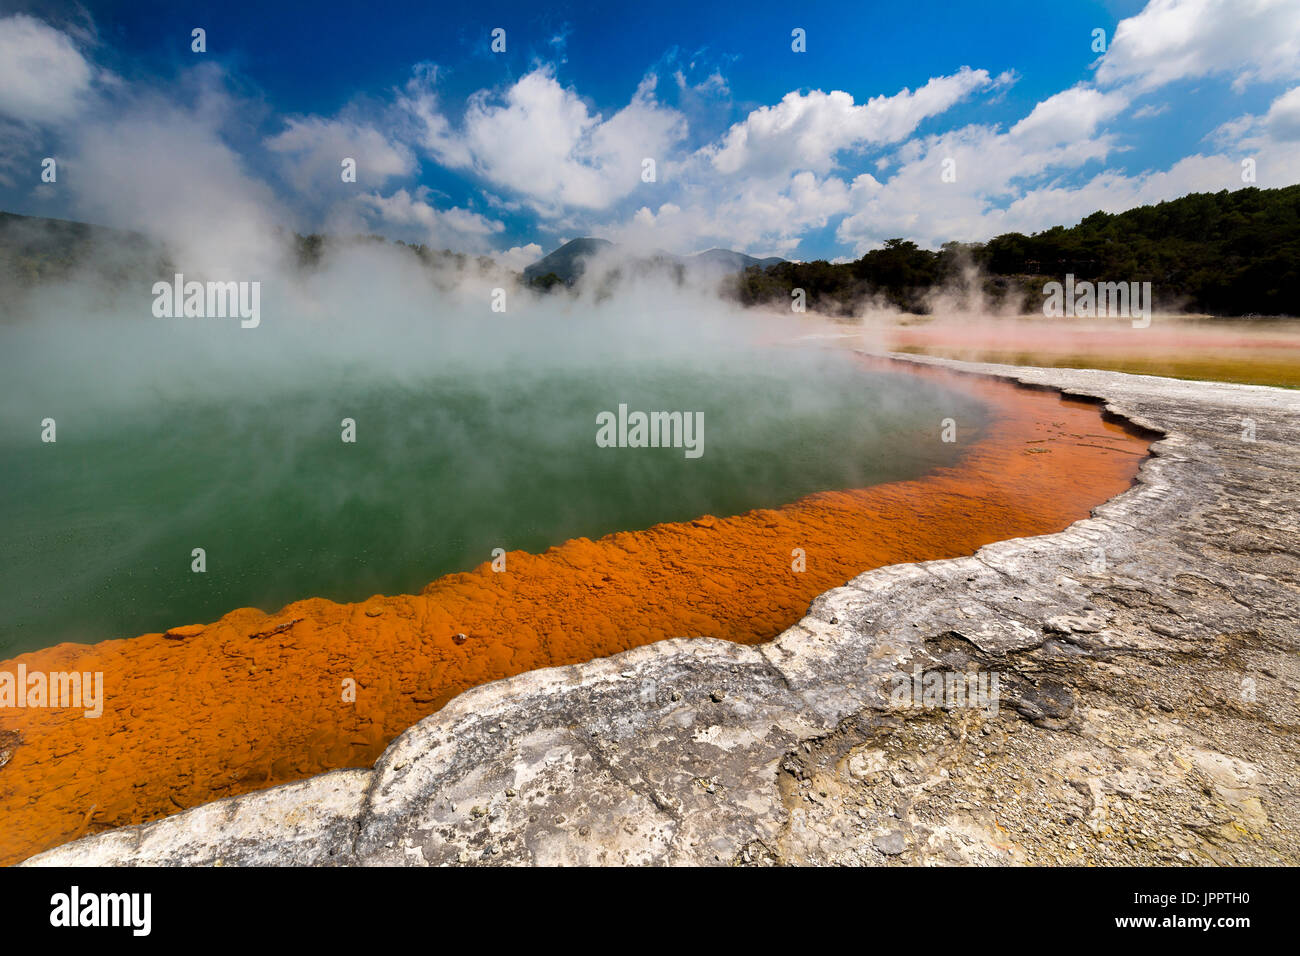 La vapeur d'eau chaude à la piscine de Champagne, Waiotapu la Réserve Thermale, Rotorua, île du Nord Nouvelle-zélande Photo Stock